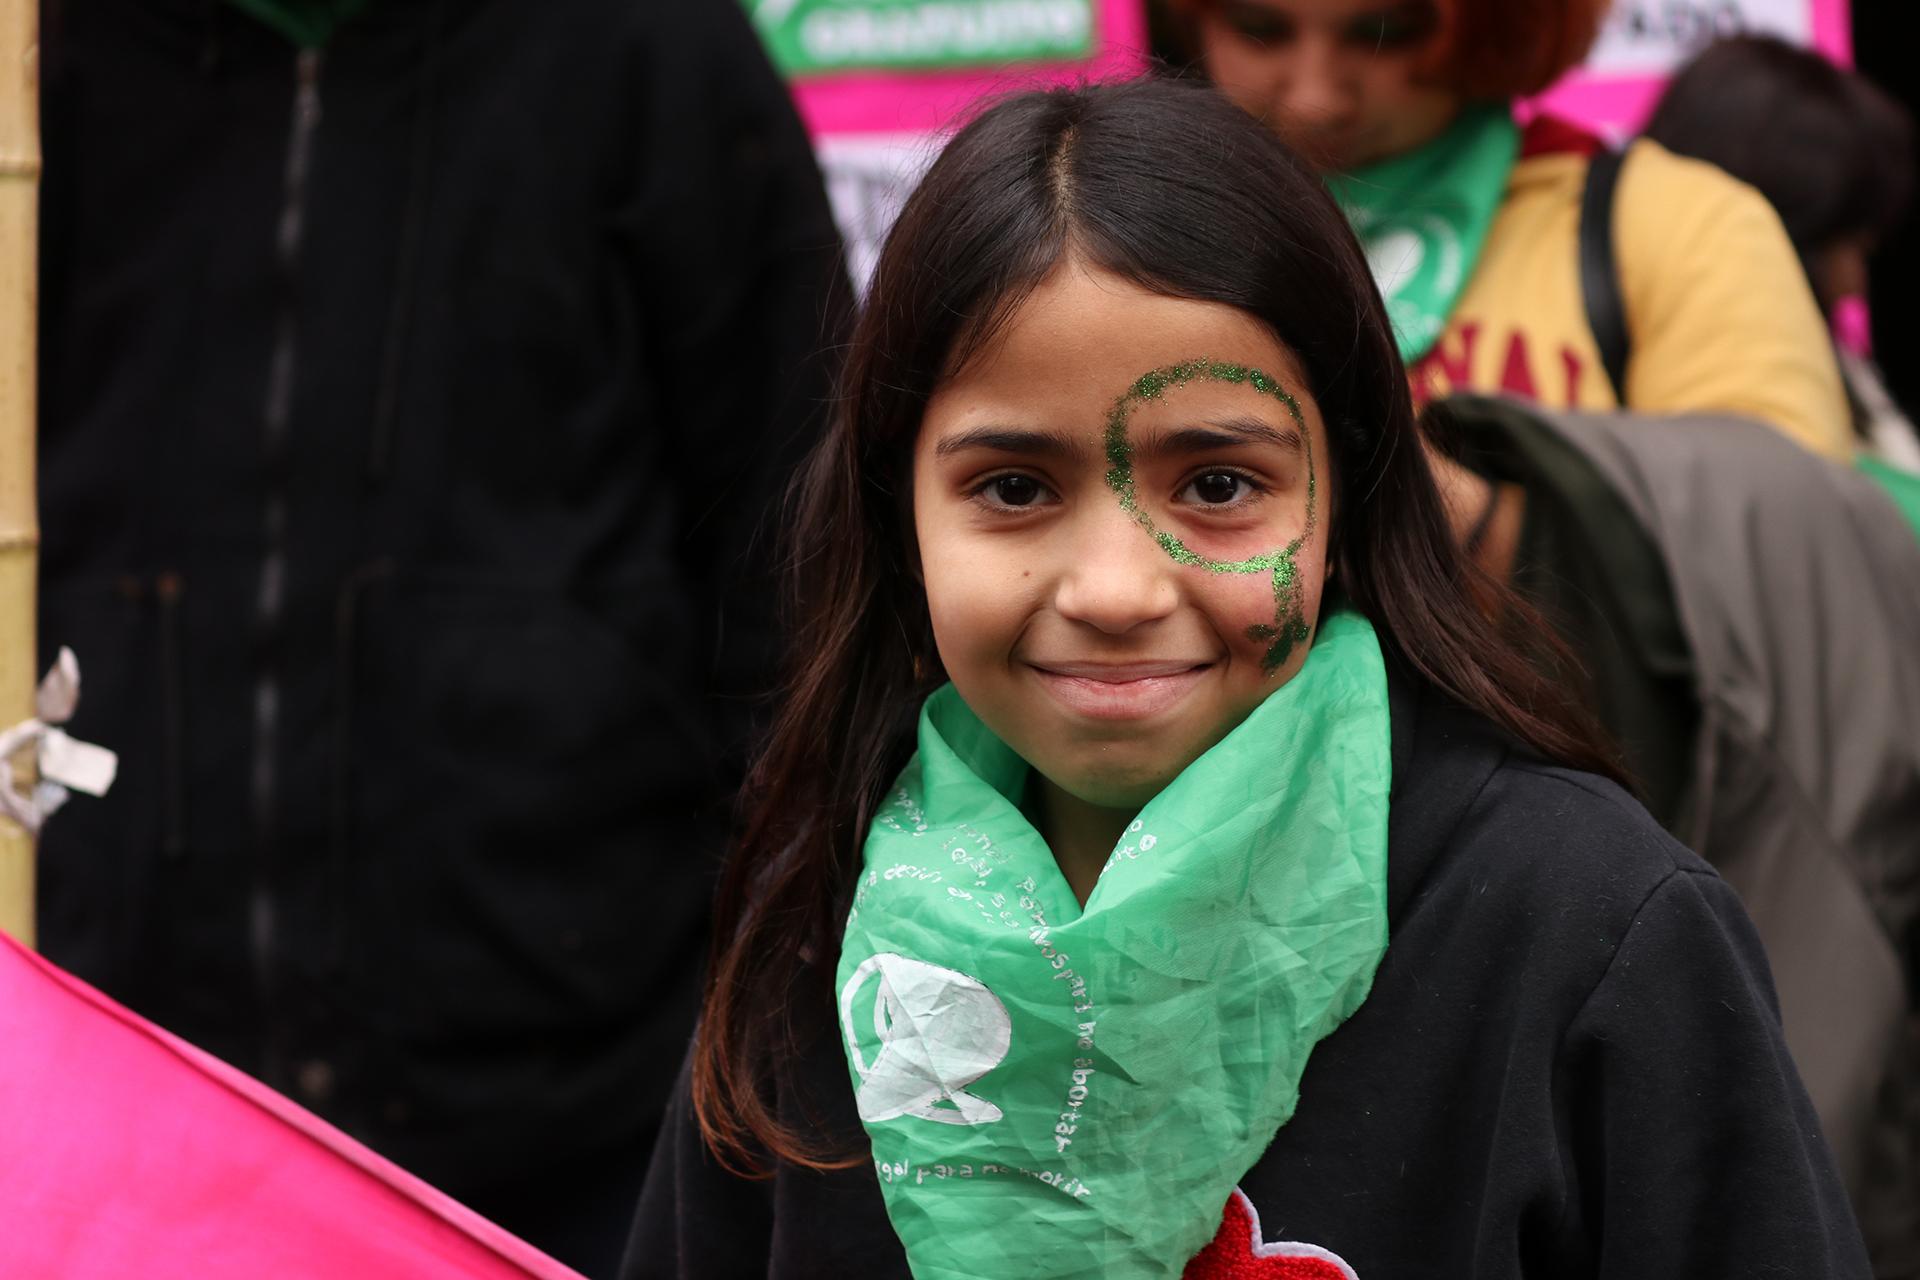 Las niñas acompañaron a su madres a marchar por la legalización del aborto (Lihue Althabe)